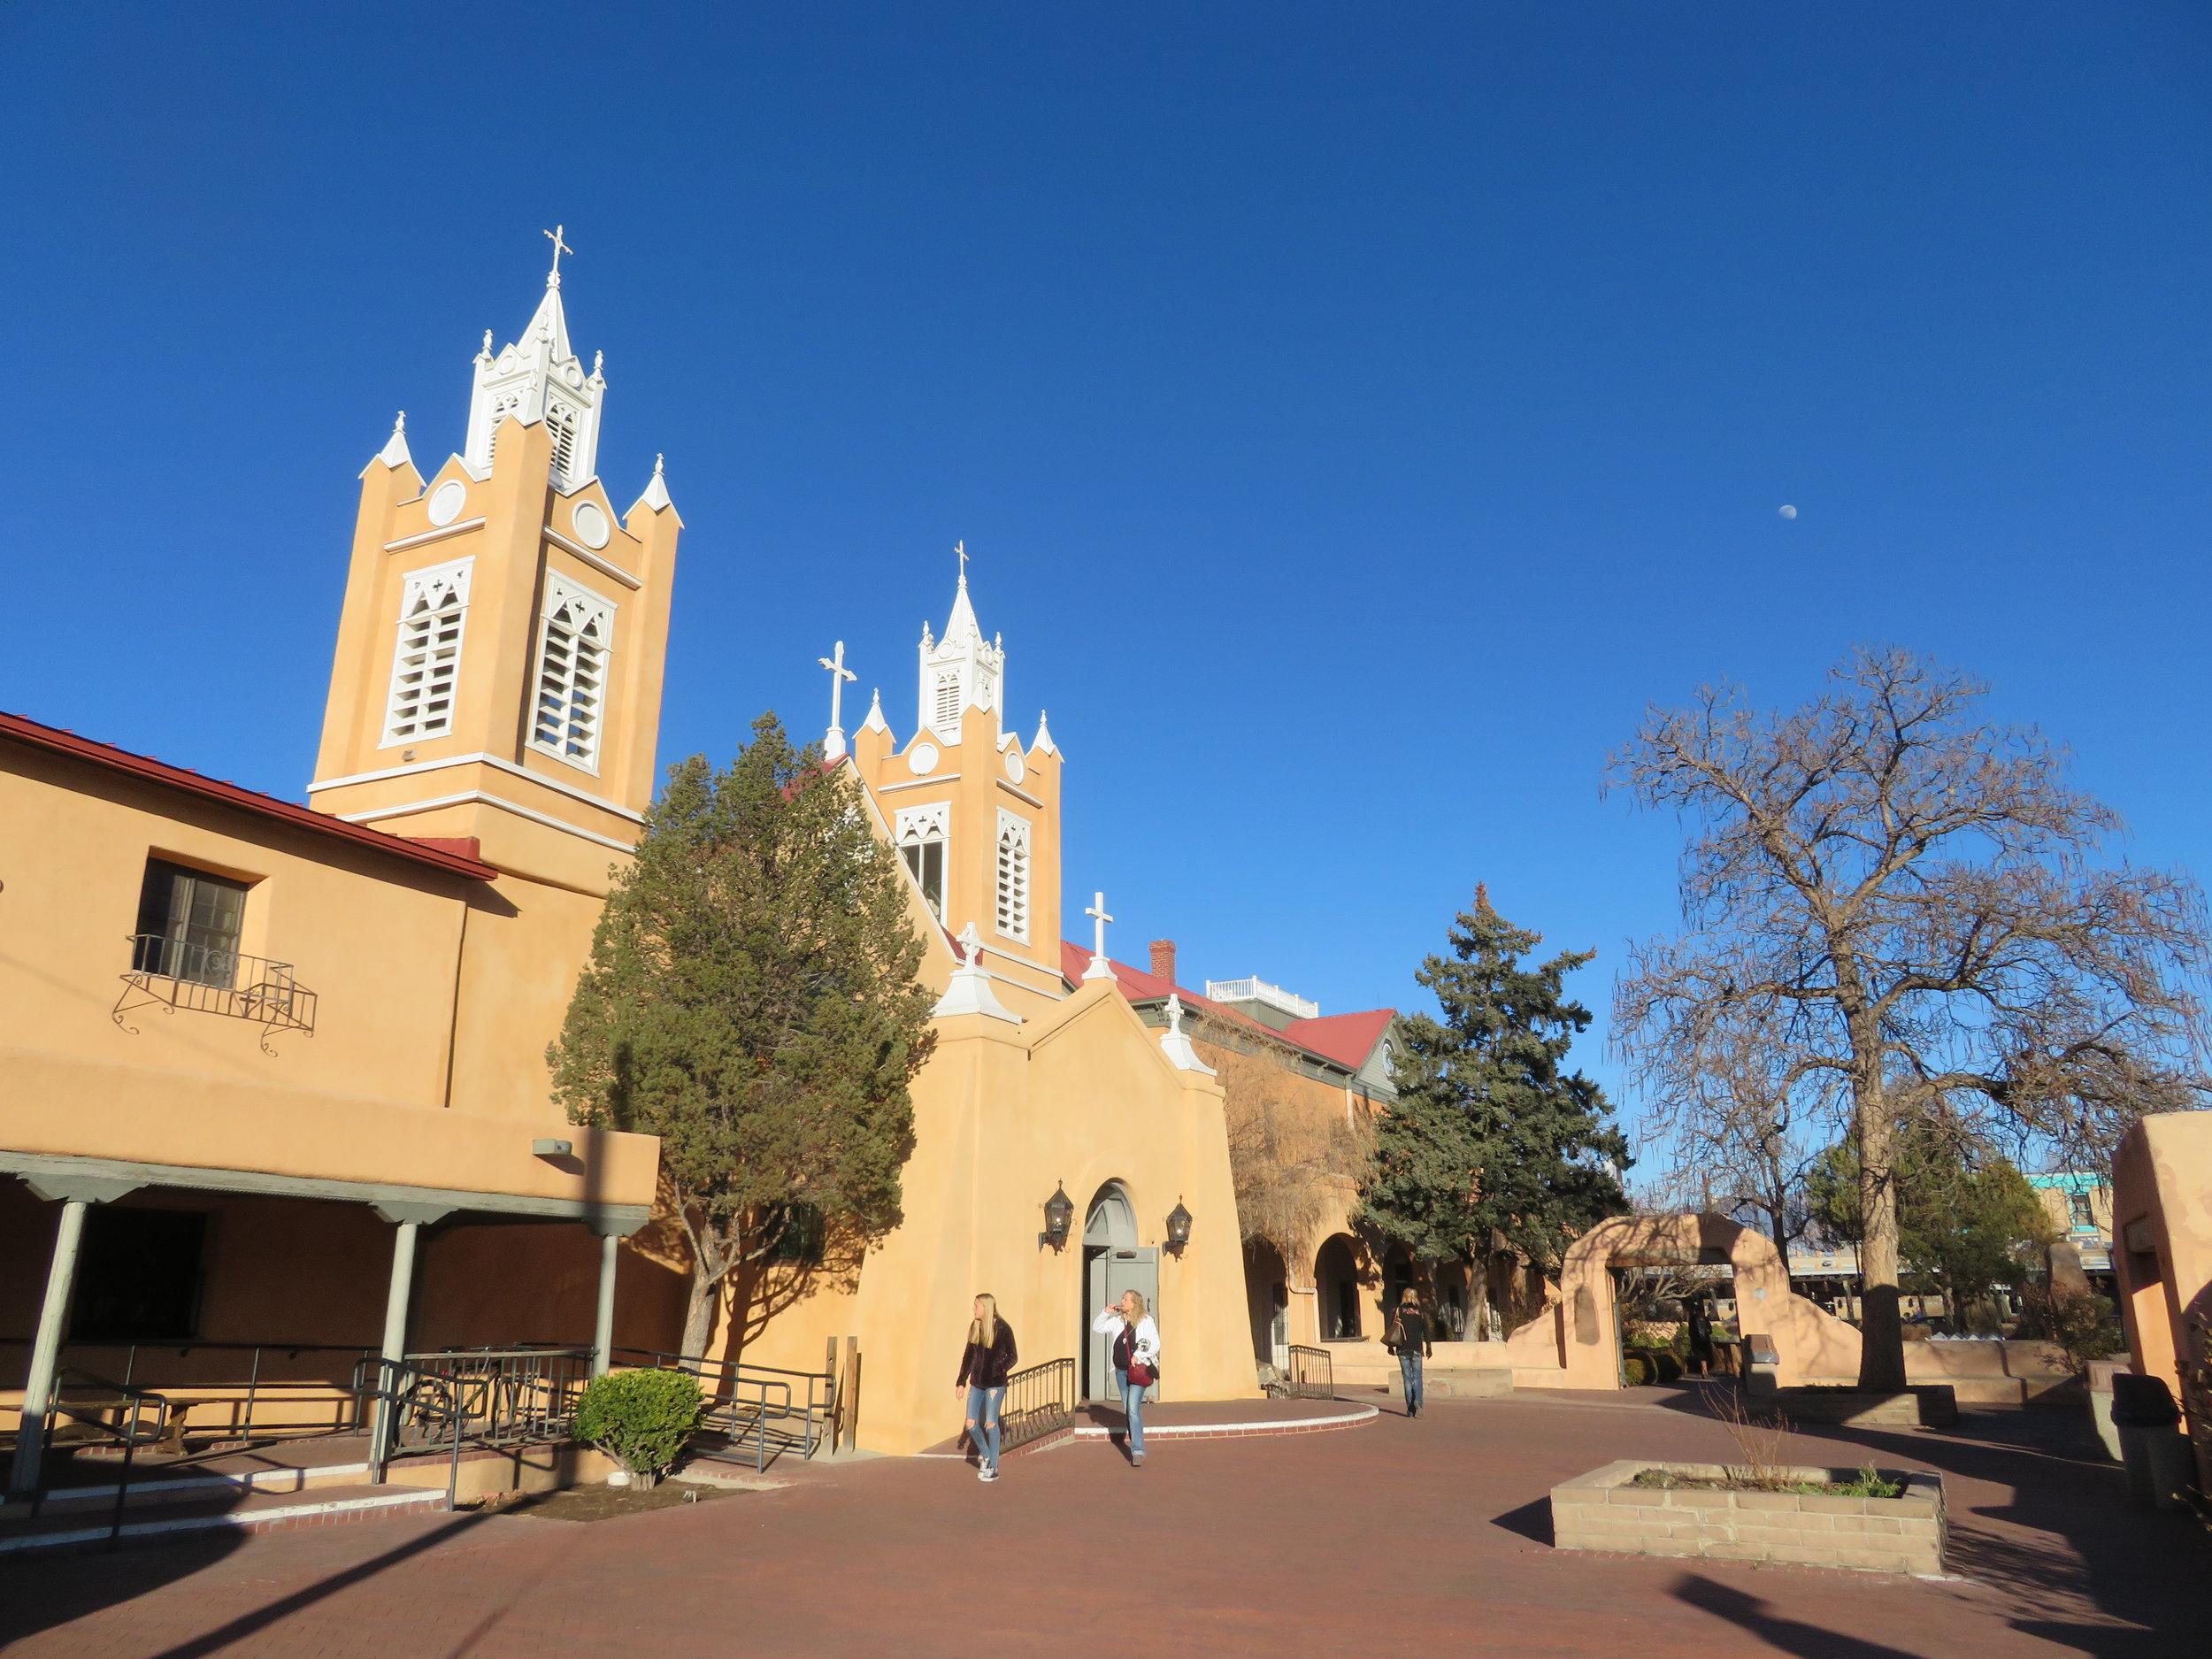 St. Felipe de Neri on the Old Town Plaza